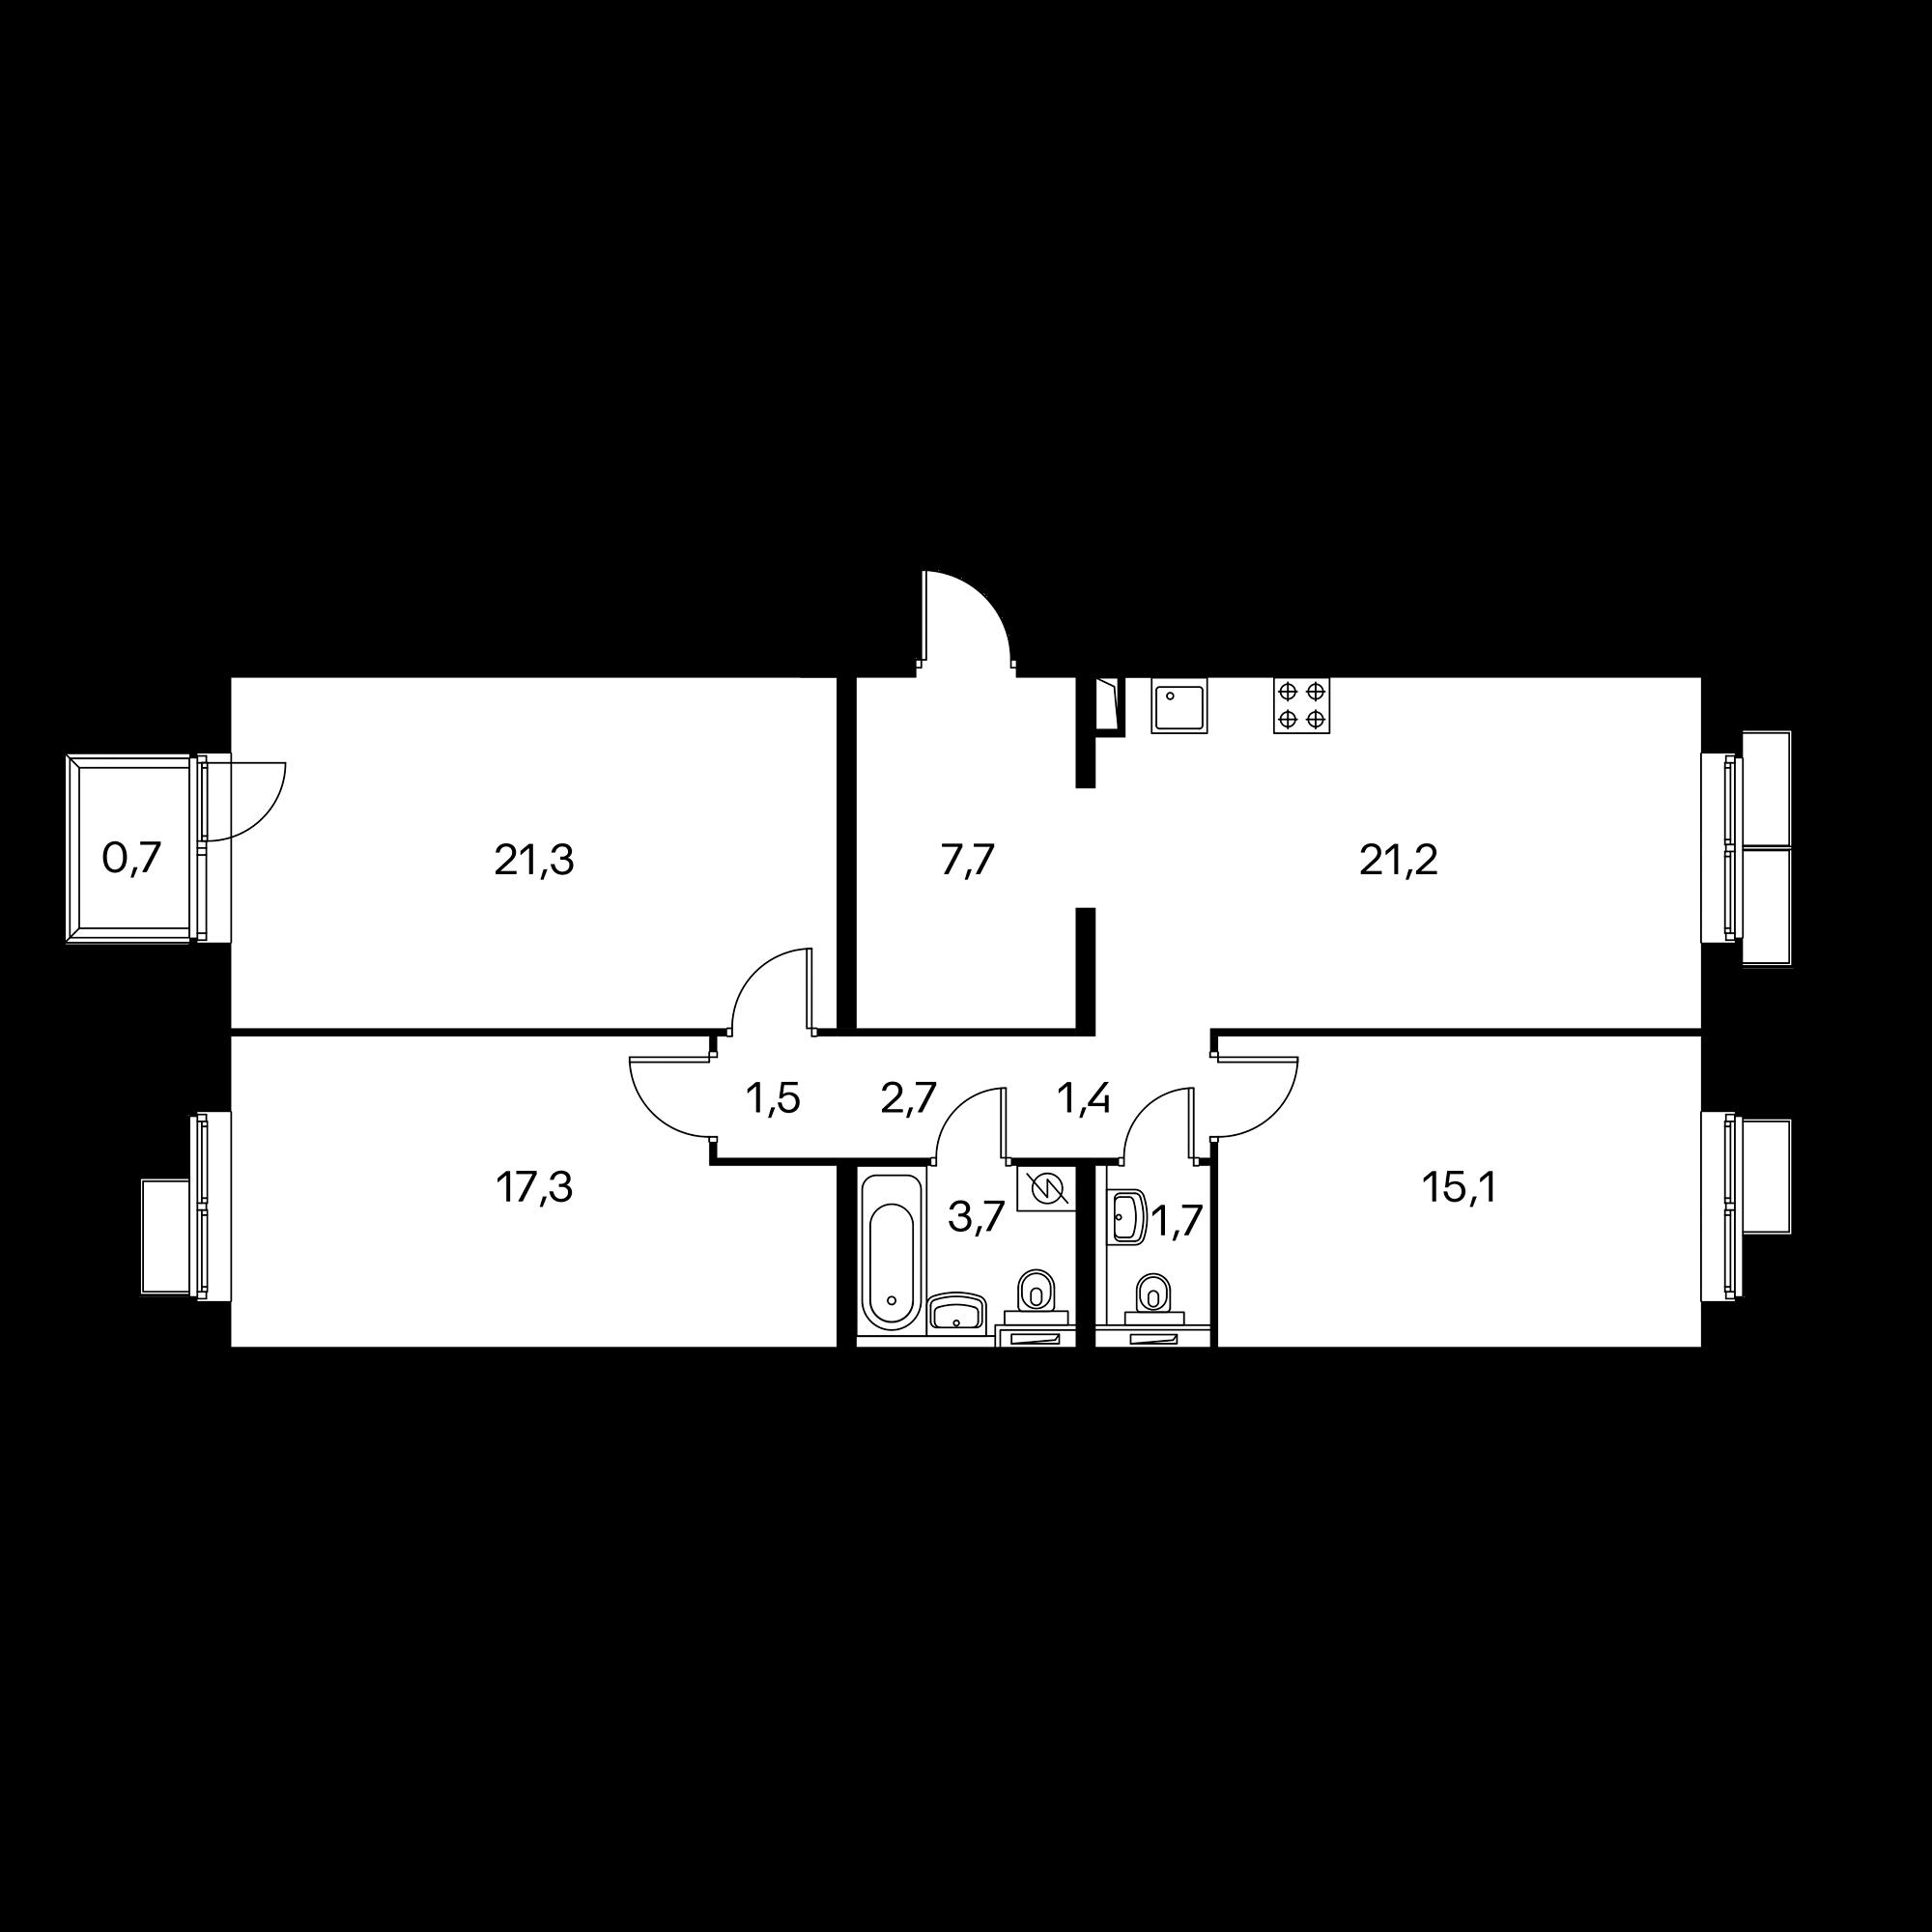 3EL11_6.9-1_S_ZB1